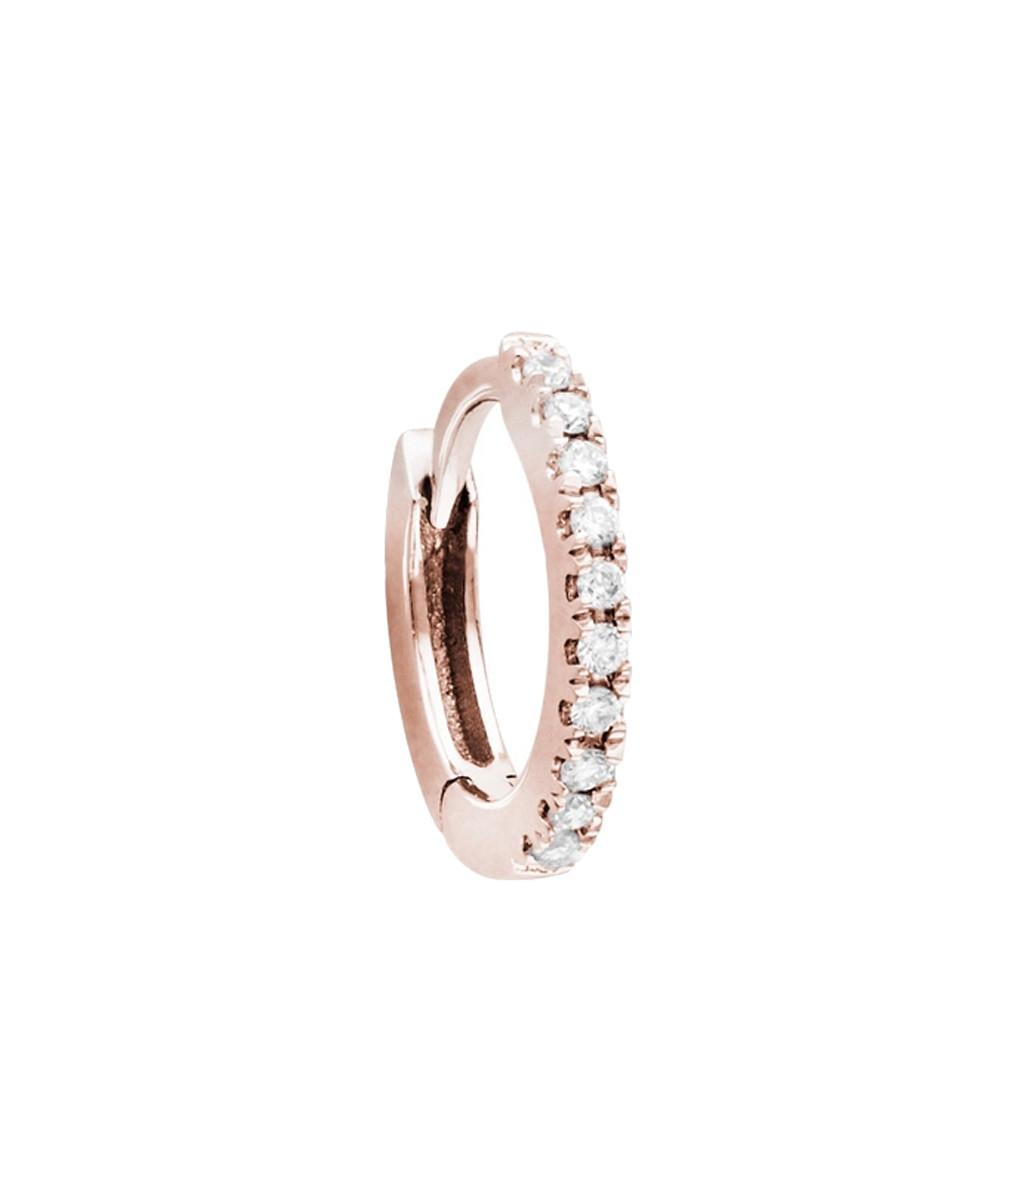 la meilleure attitude 484b7 30df1 Mini Créole Pavée Or Diamants (vendue à l'unité)